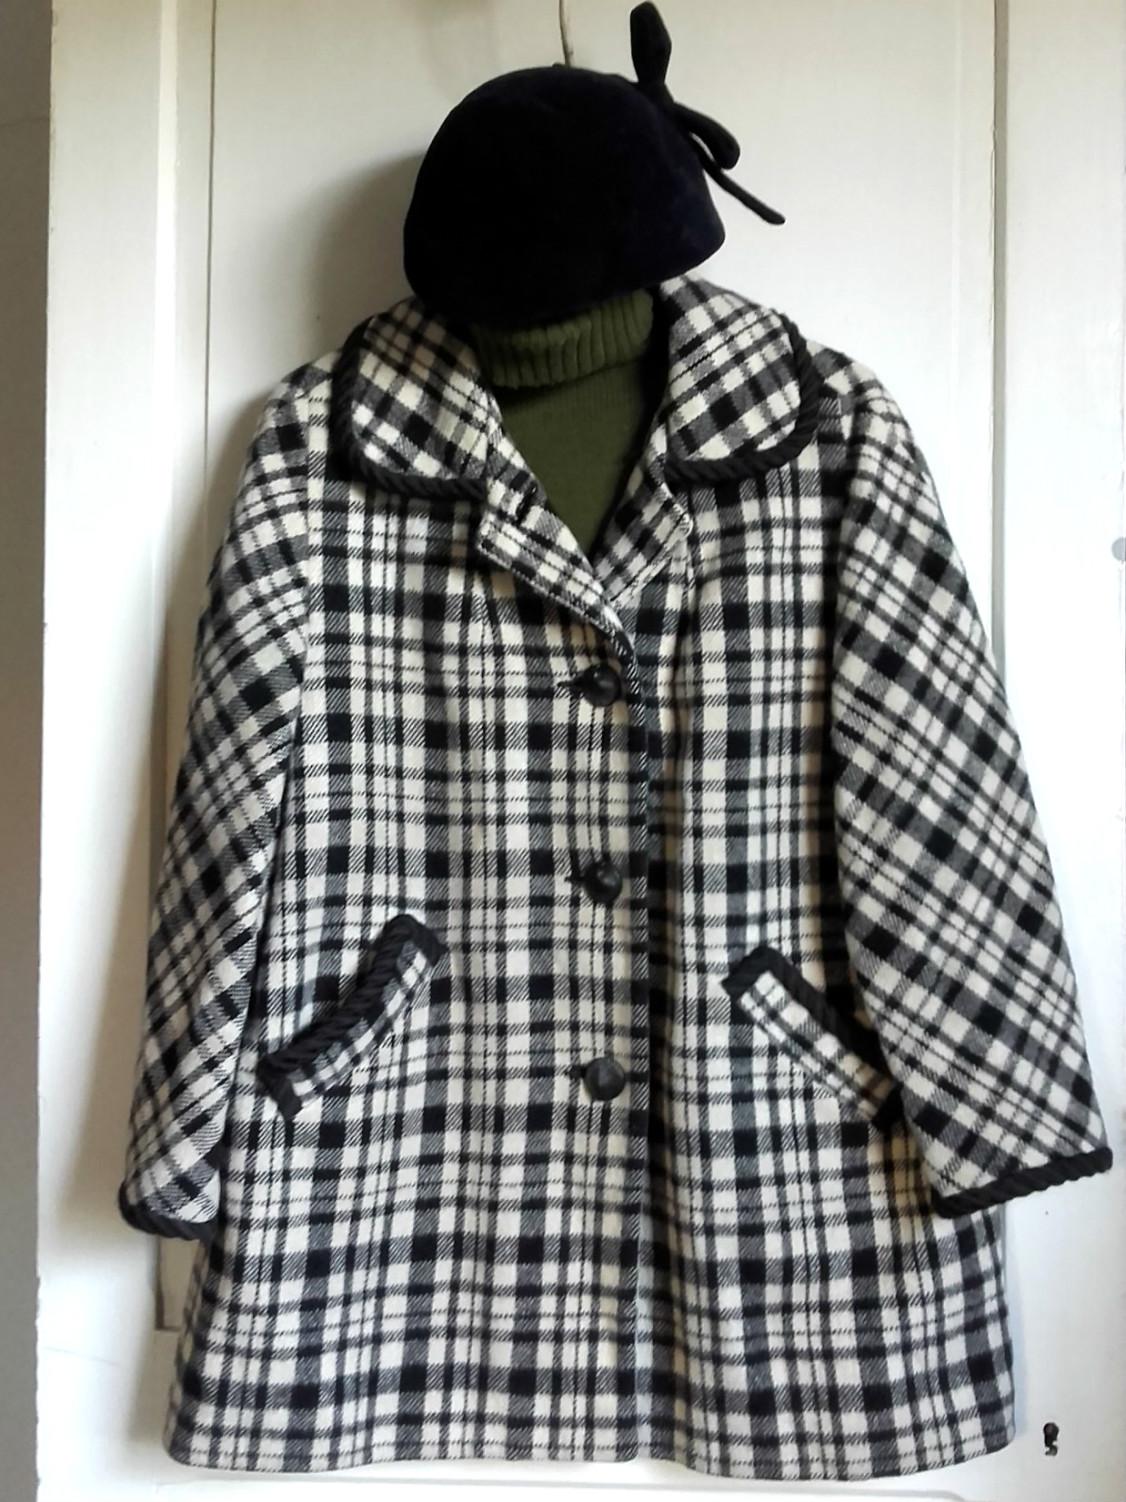 manteau retro noir blanc quiche lorraine vintage. Black Bedroom Furniture Sets. Home Design Ideas